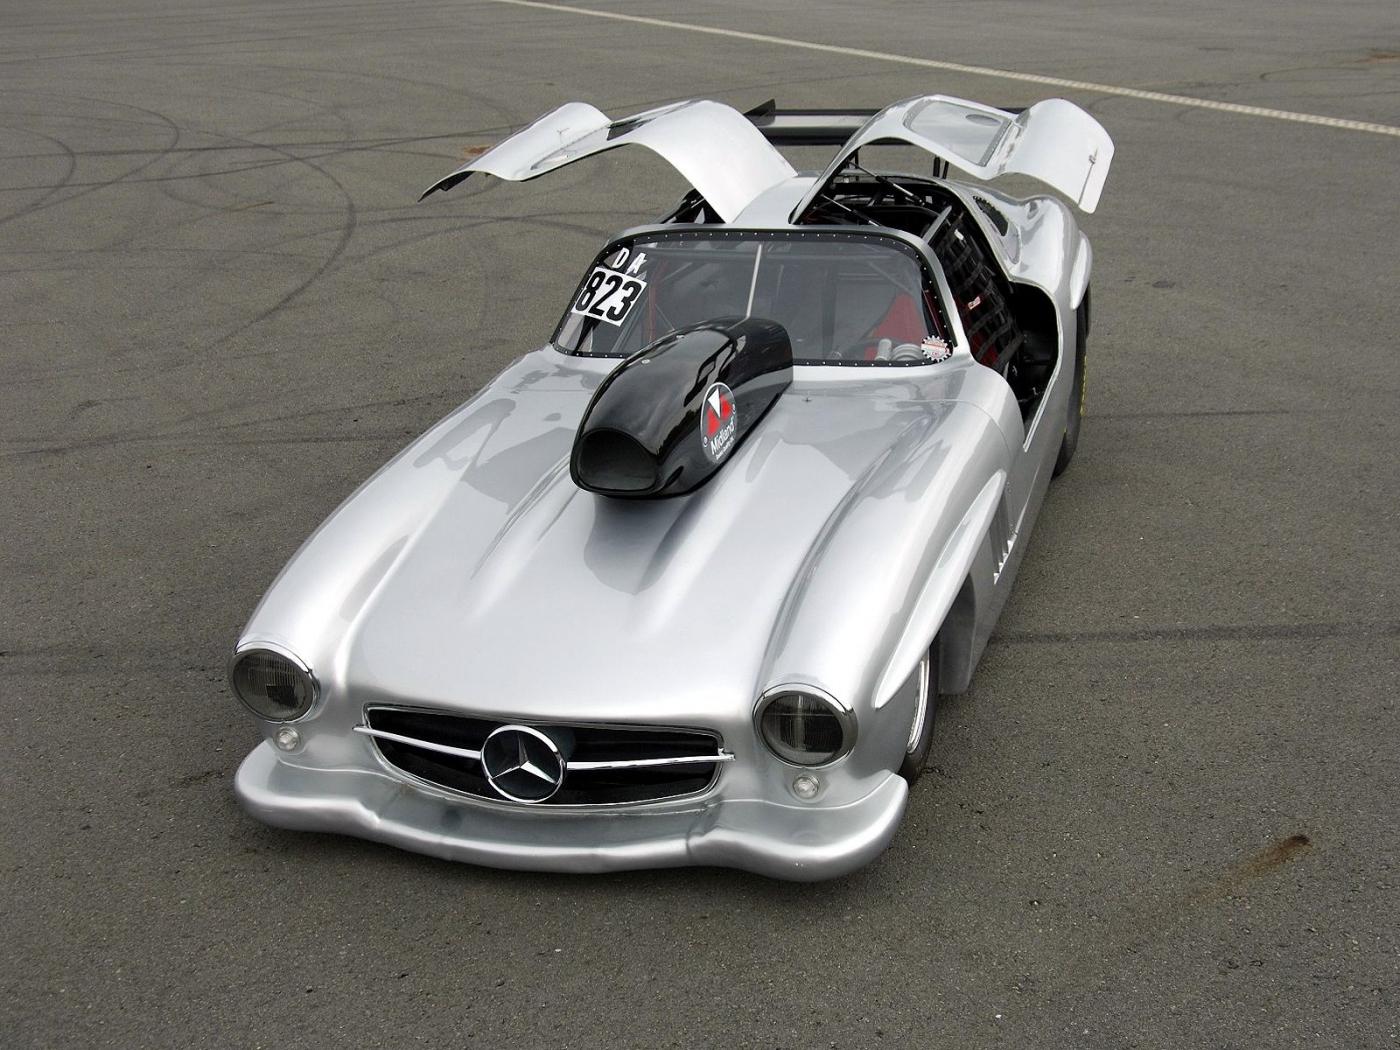 32431 скачать обои Транспорт, Машины, Мерседес (Mercedes) - заставки и картинки бесплатно